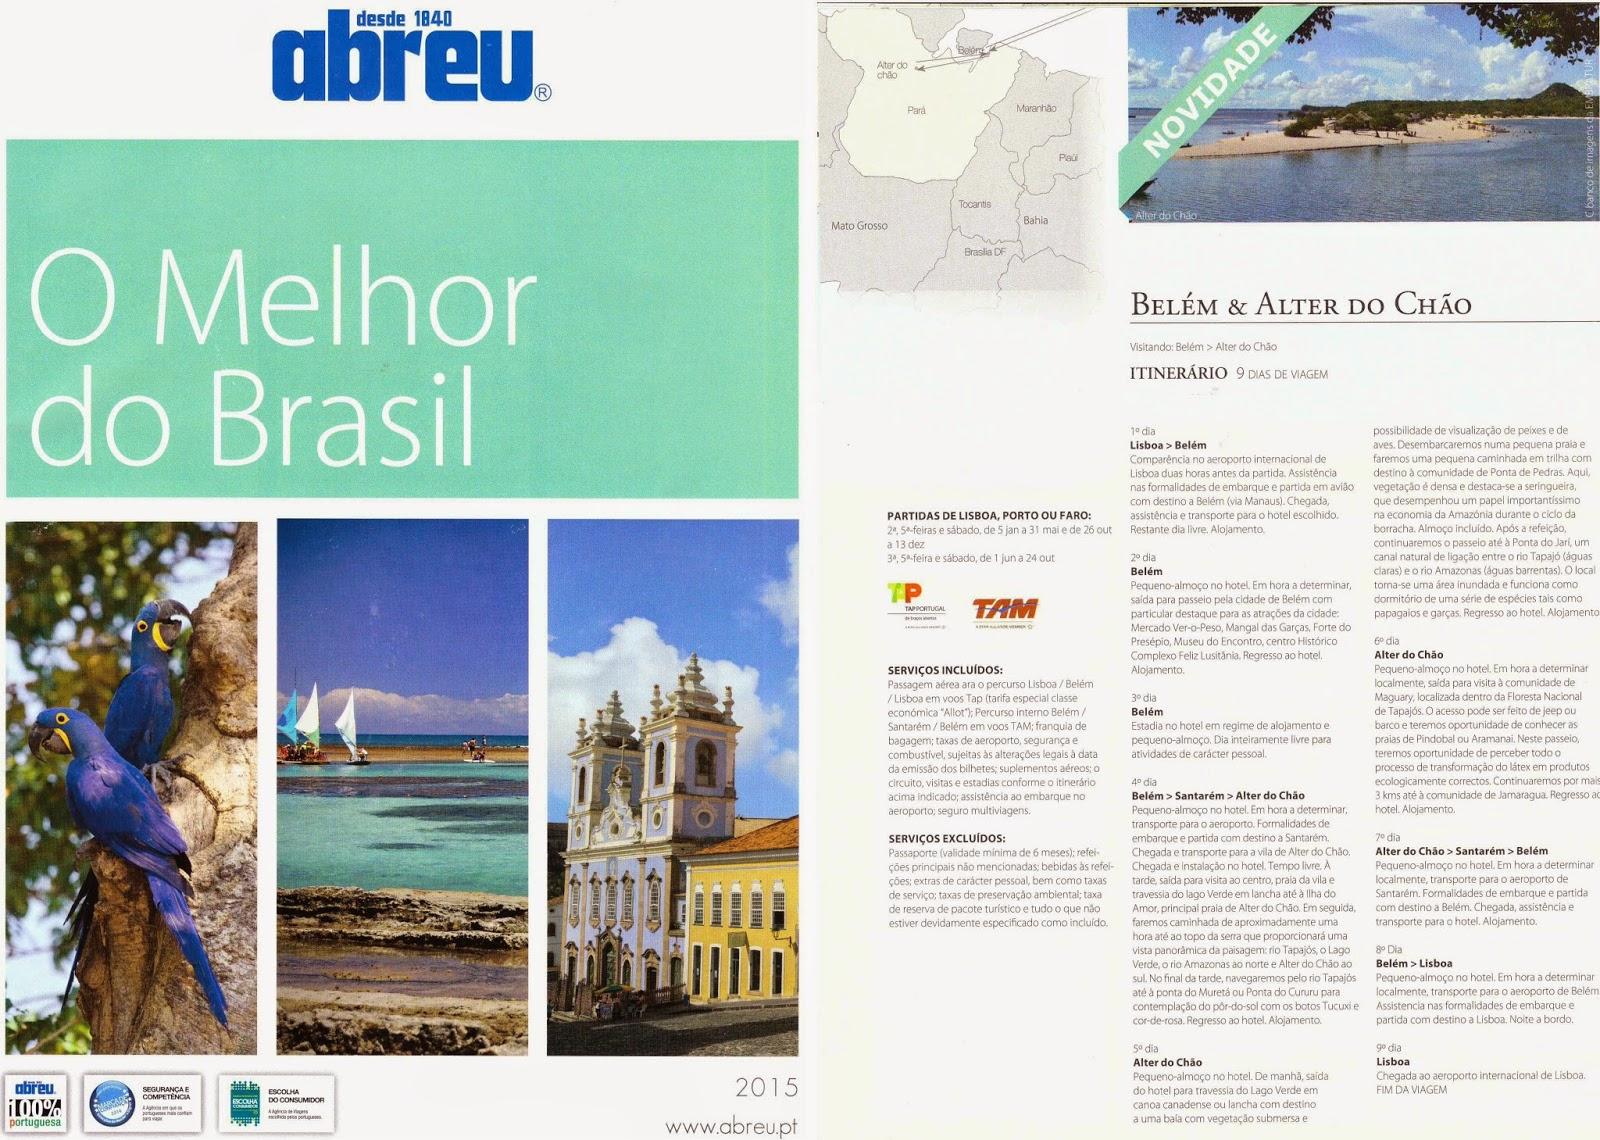 dcd036b442 Capa e roteiro especial para Belém e Alter-do-Chão no catálogo promocional